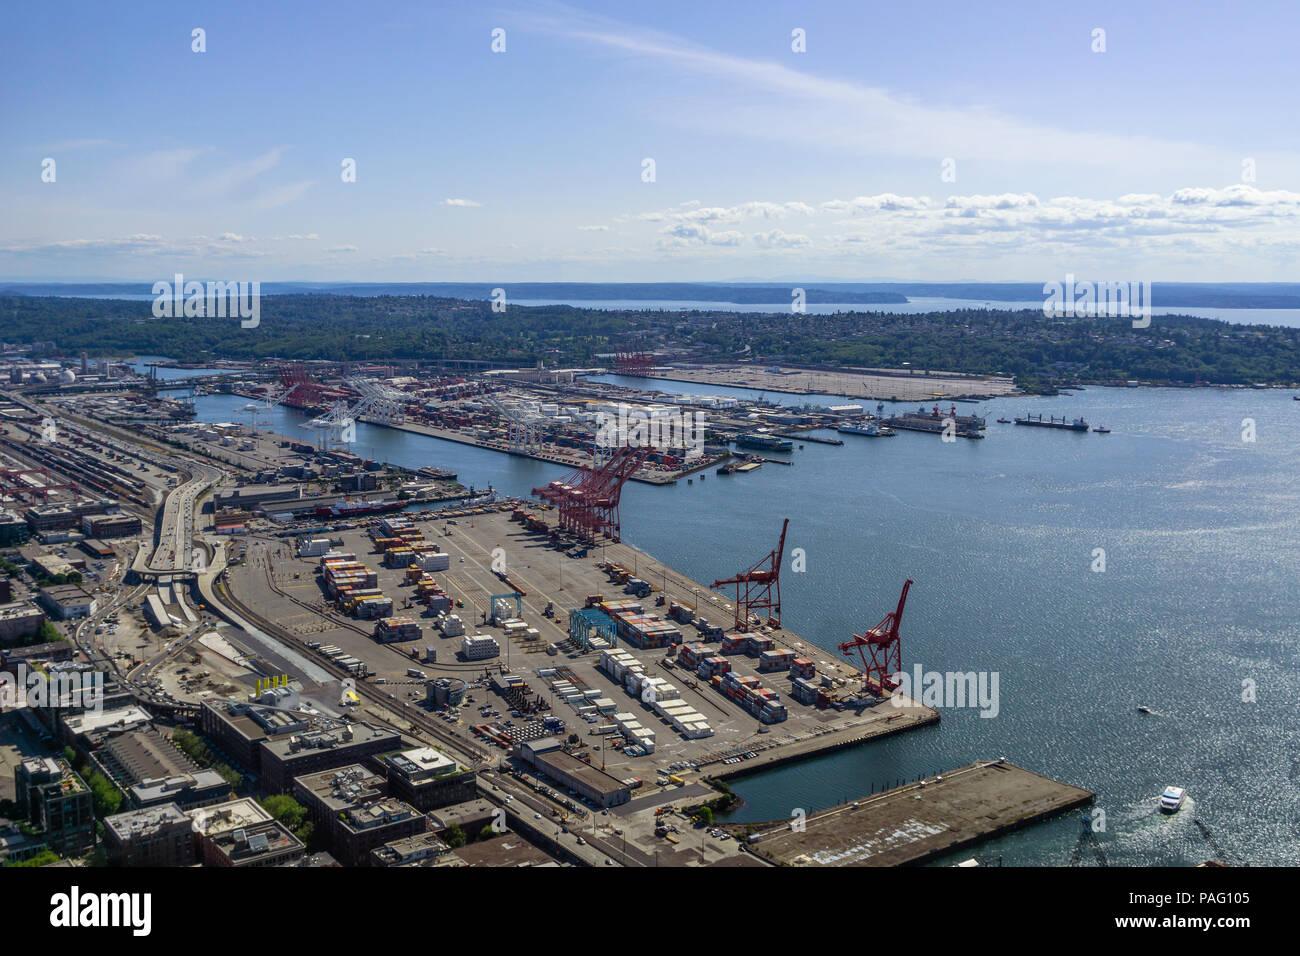 Aerial pictures of washington harbors Destruction Island Lighthouse, Washington at